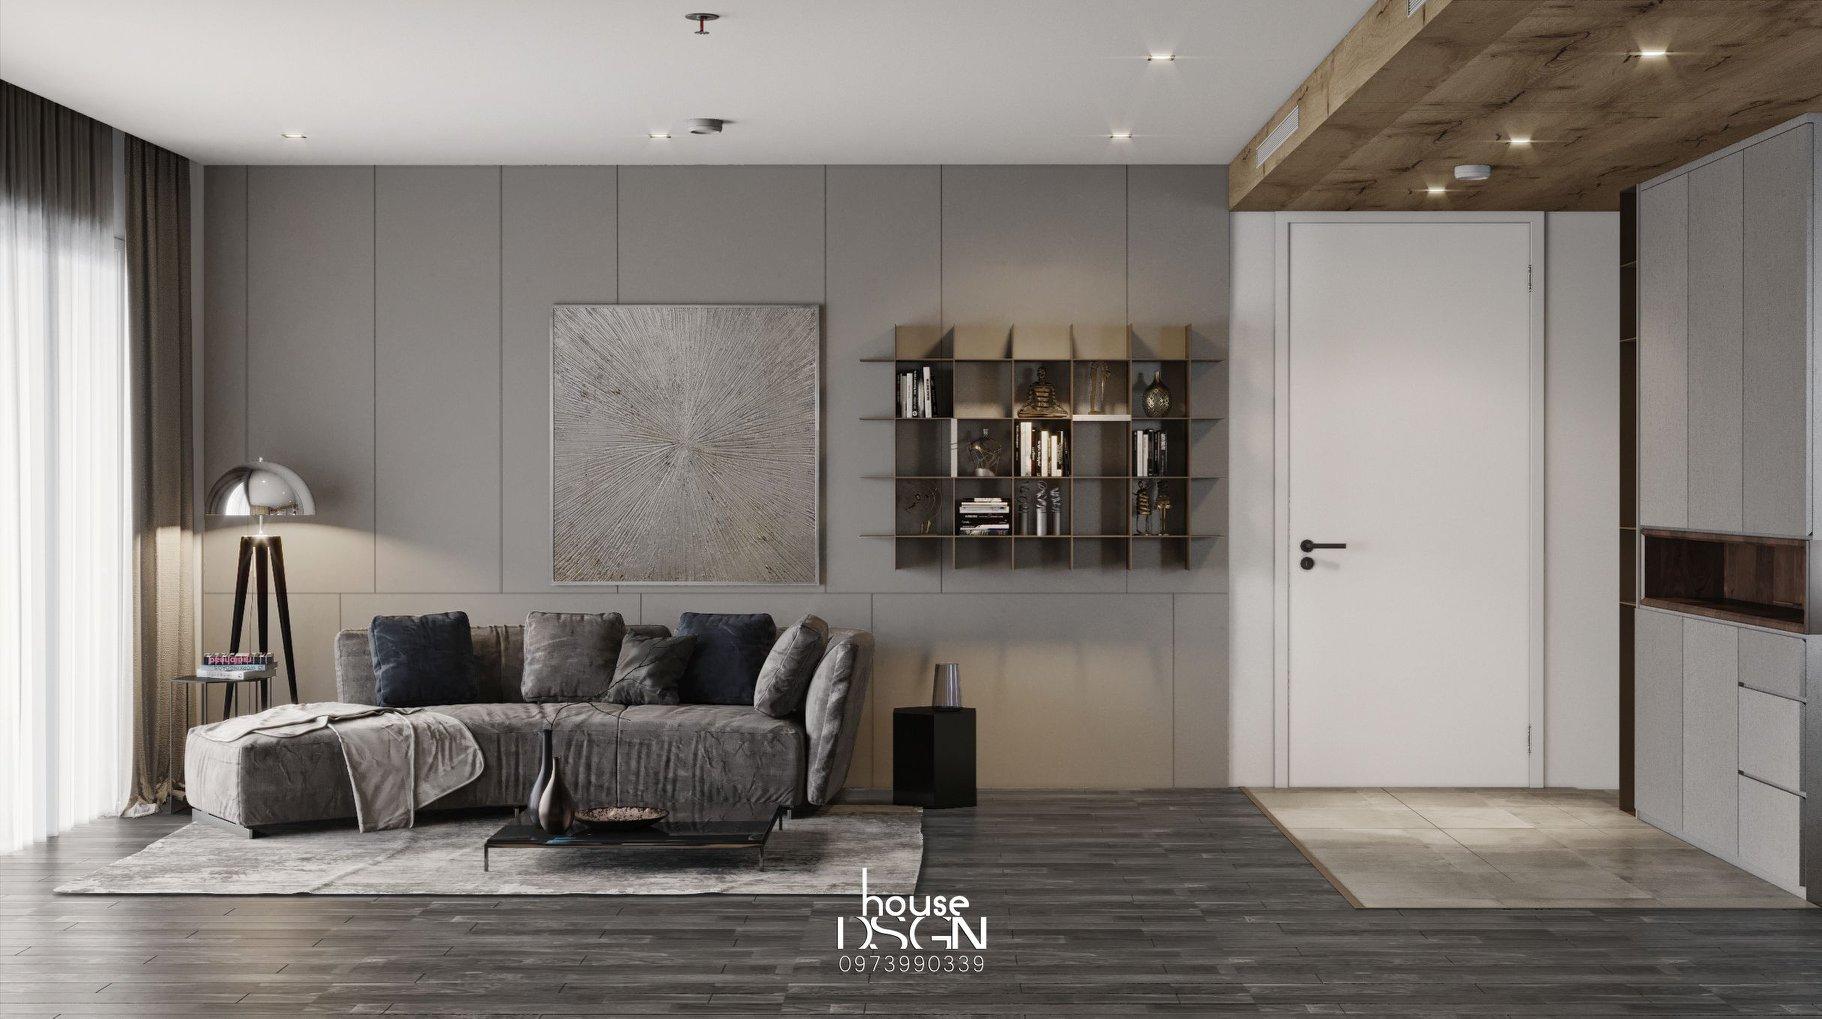 mẫu thiết kế nội thất chung cư 3 phòng ngủ